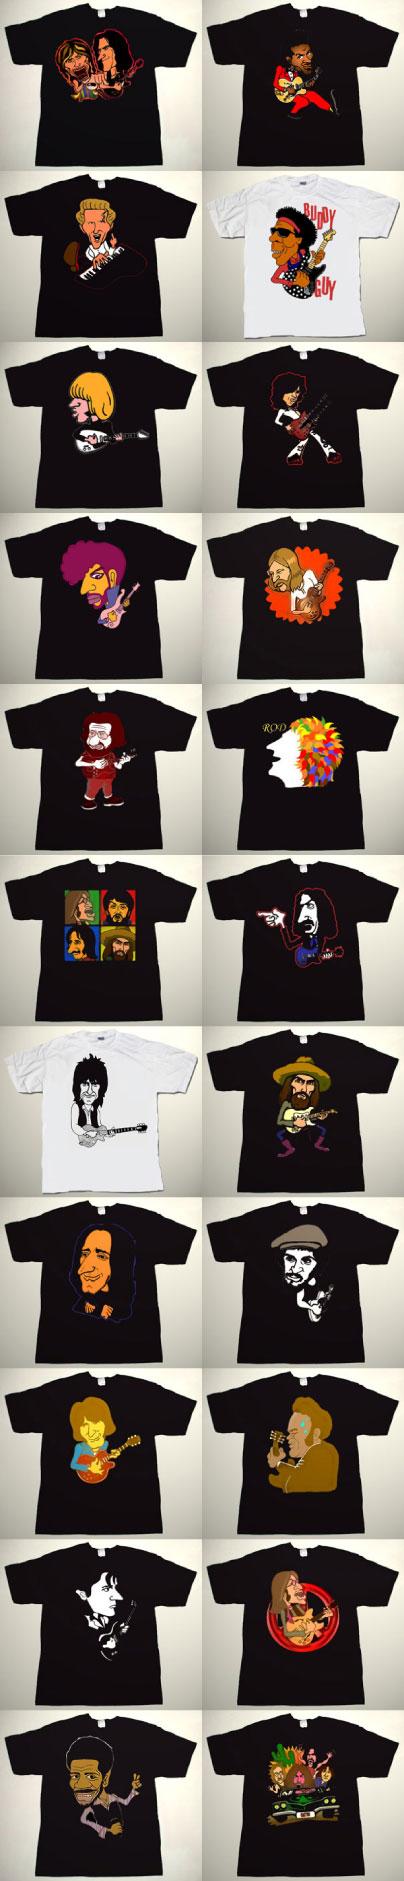 collectors ware pakuri t shirts